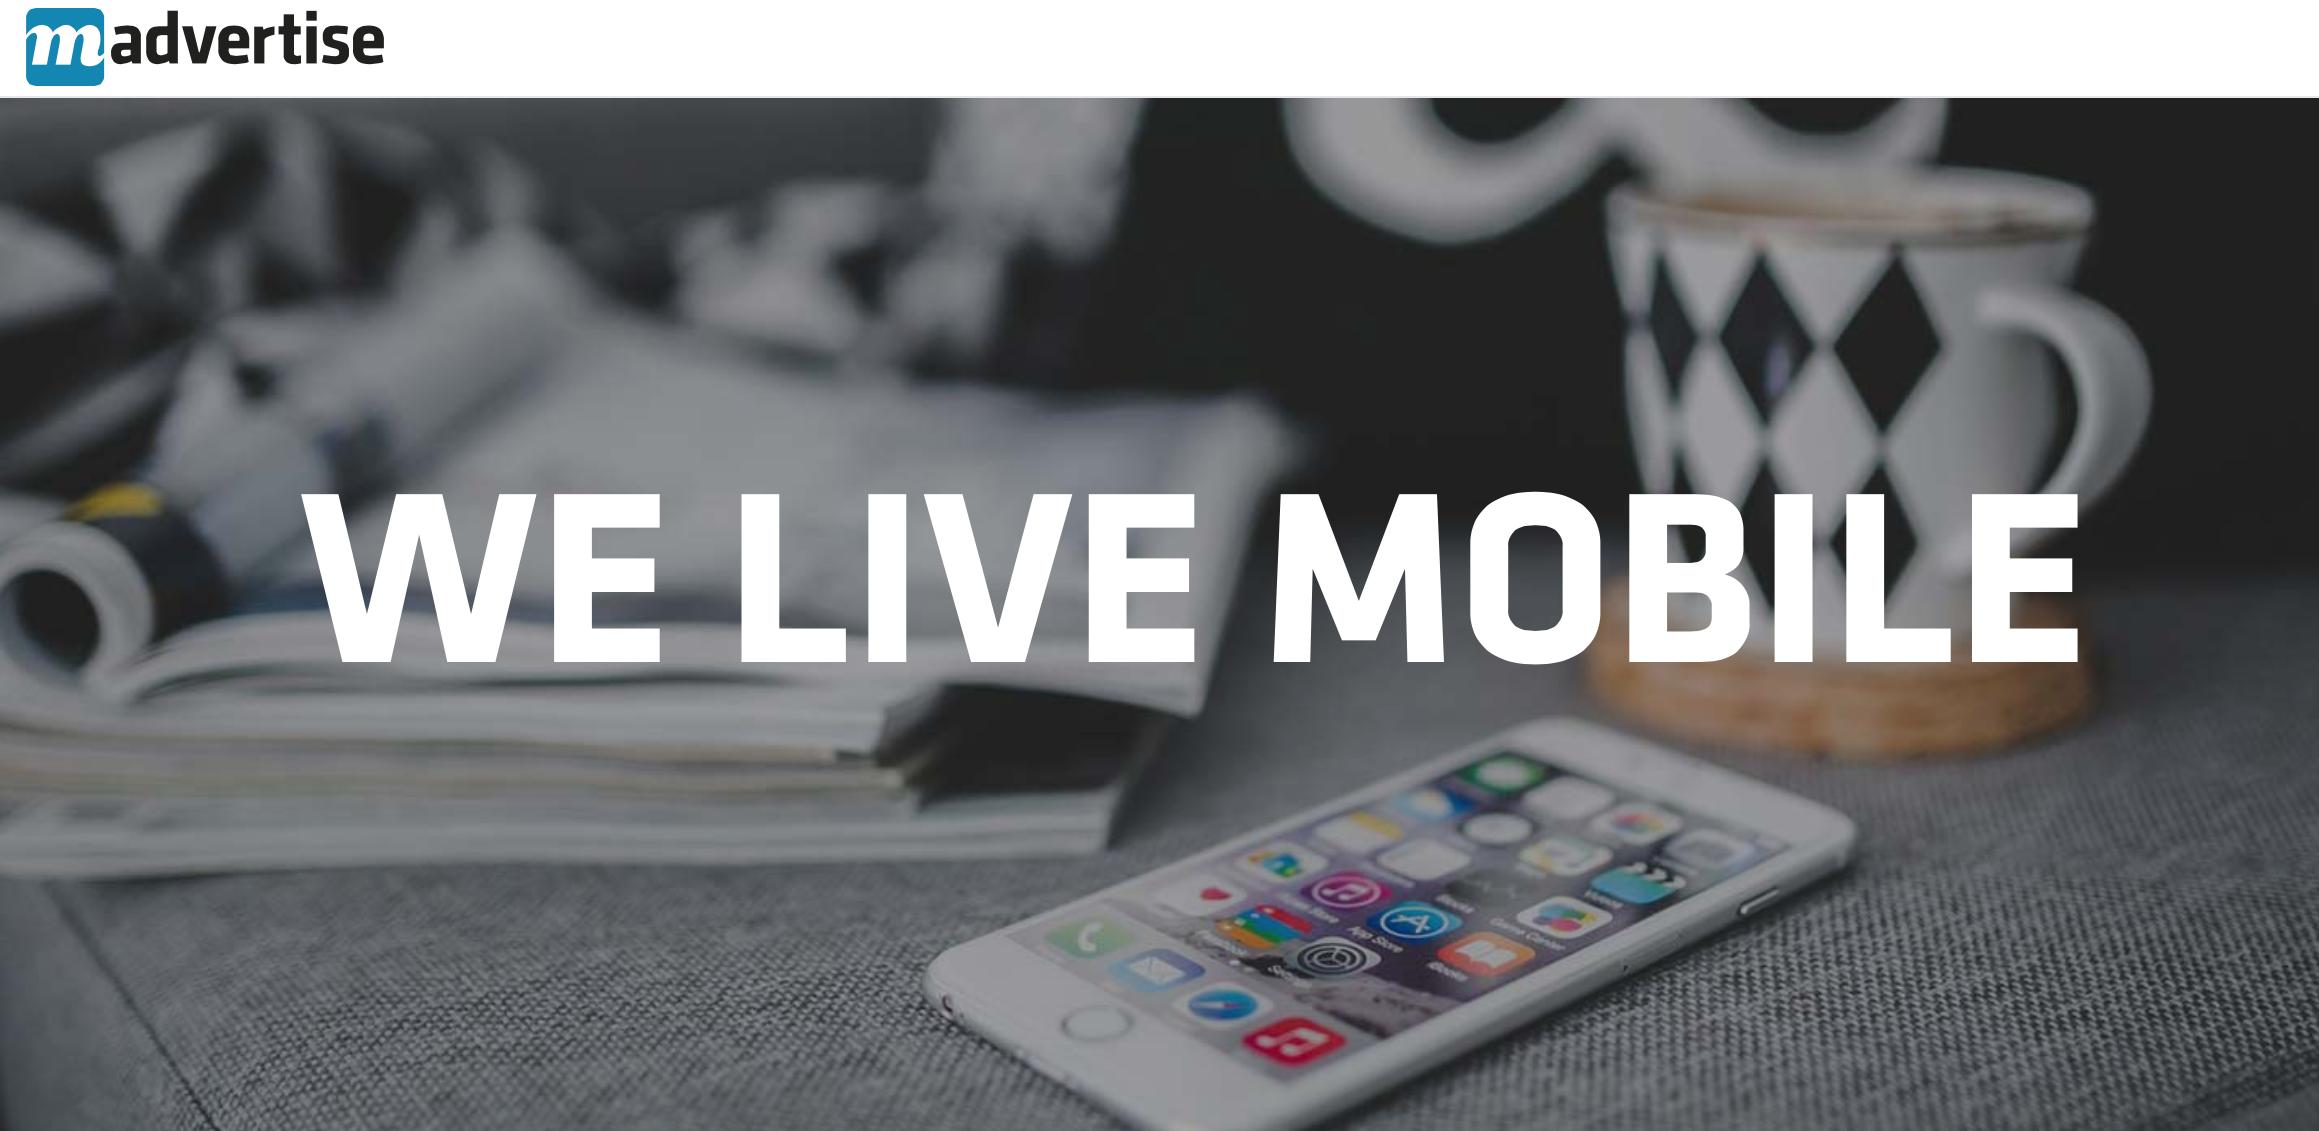 Mobile Network groupe change de nom pour devenir Madvertise